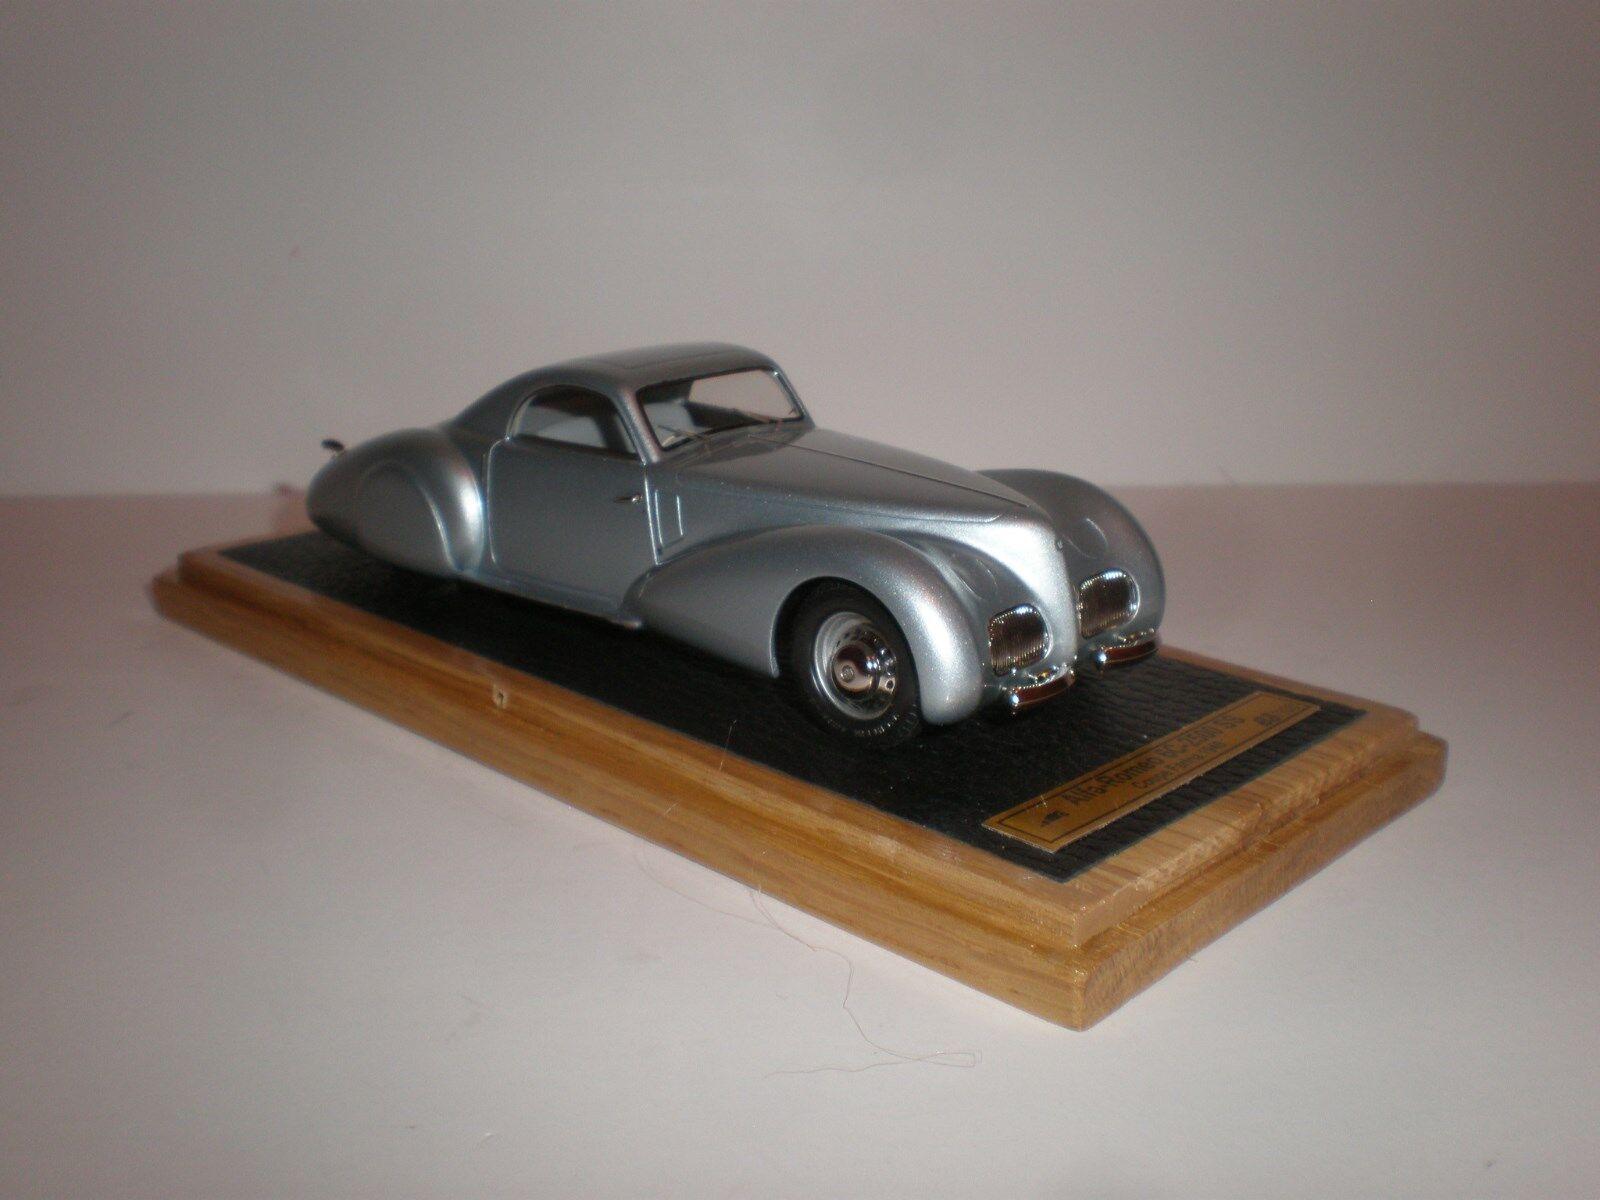 saludable EMC Alfa Romeo 6C 2500 ss stabillimenti Farina 1940 1940 1940 azul claro  presentando toda la última moda de la calle